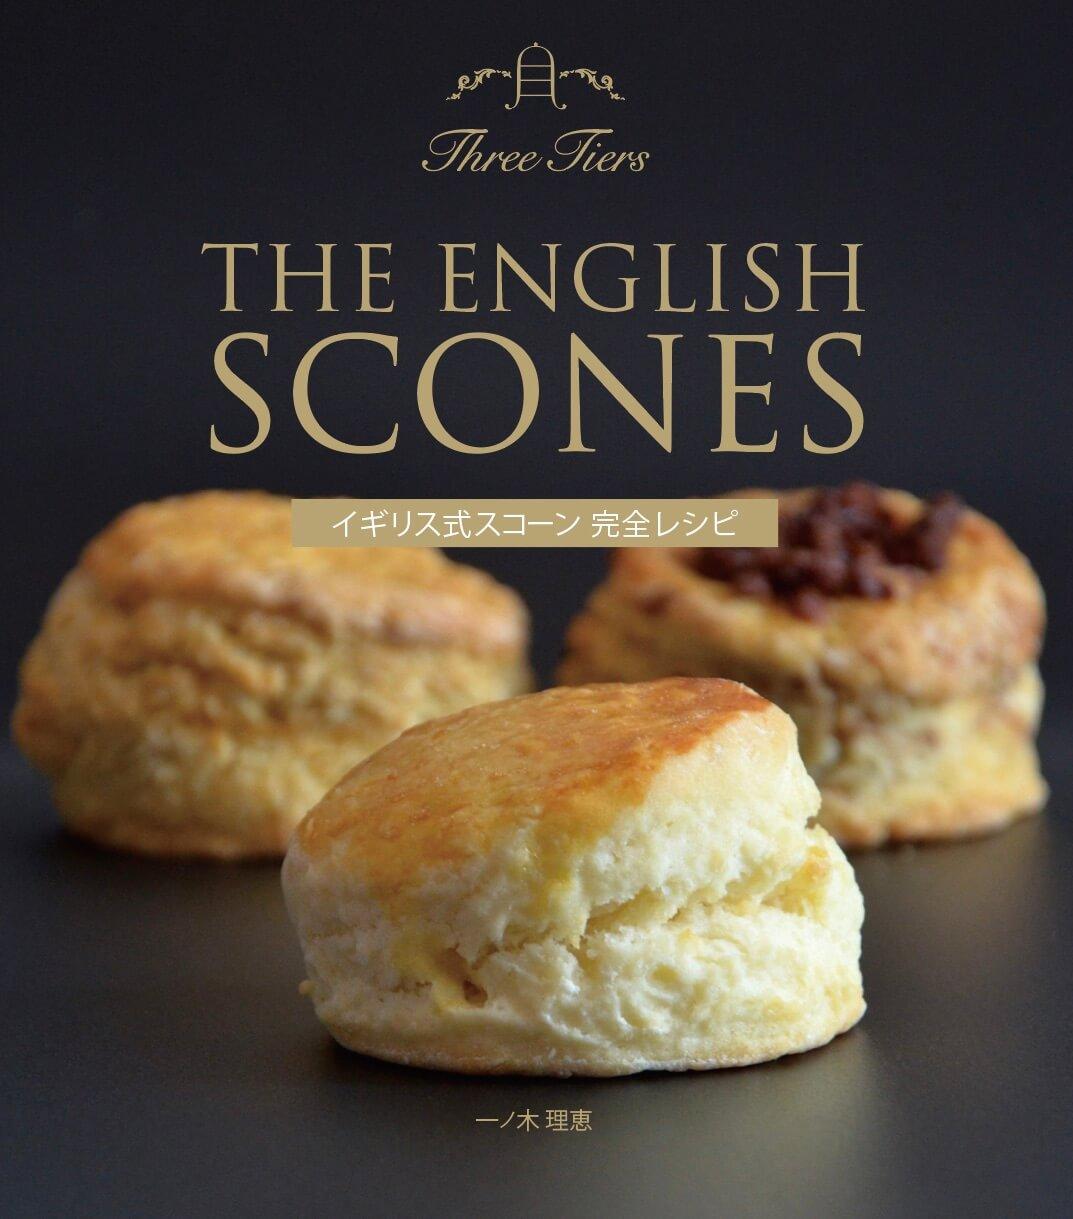 『イギリス式スコーン 完全レシピ』表紙